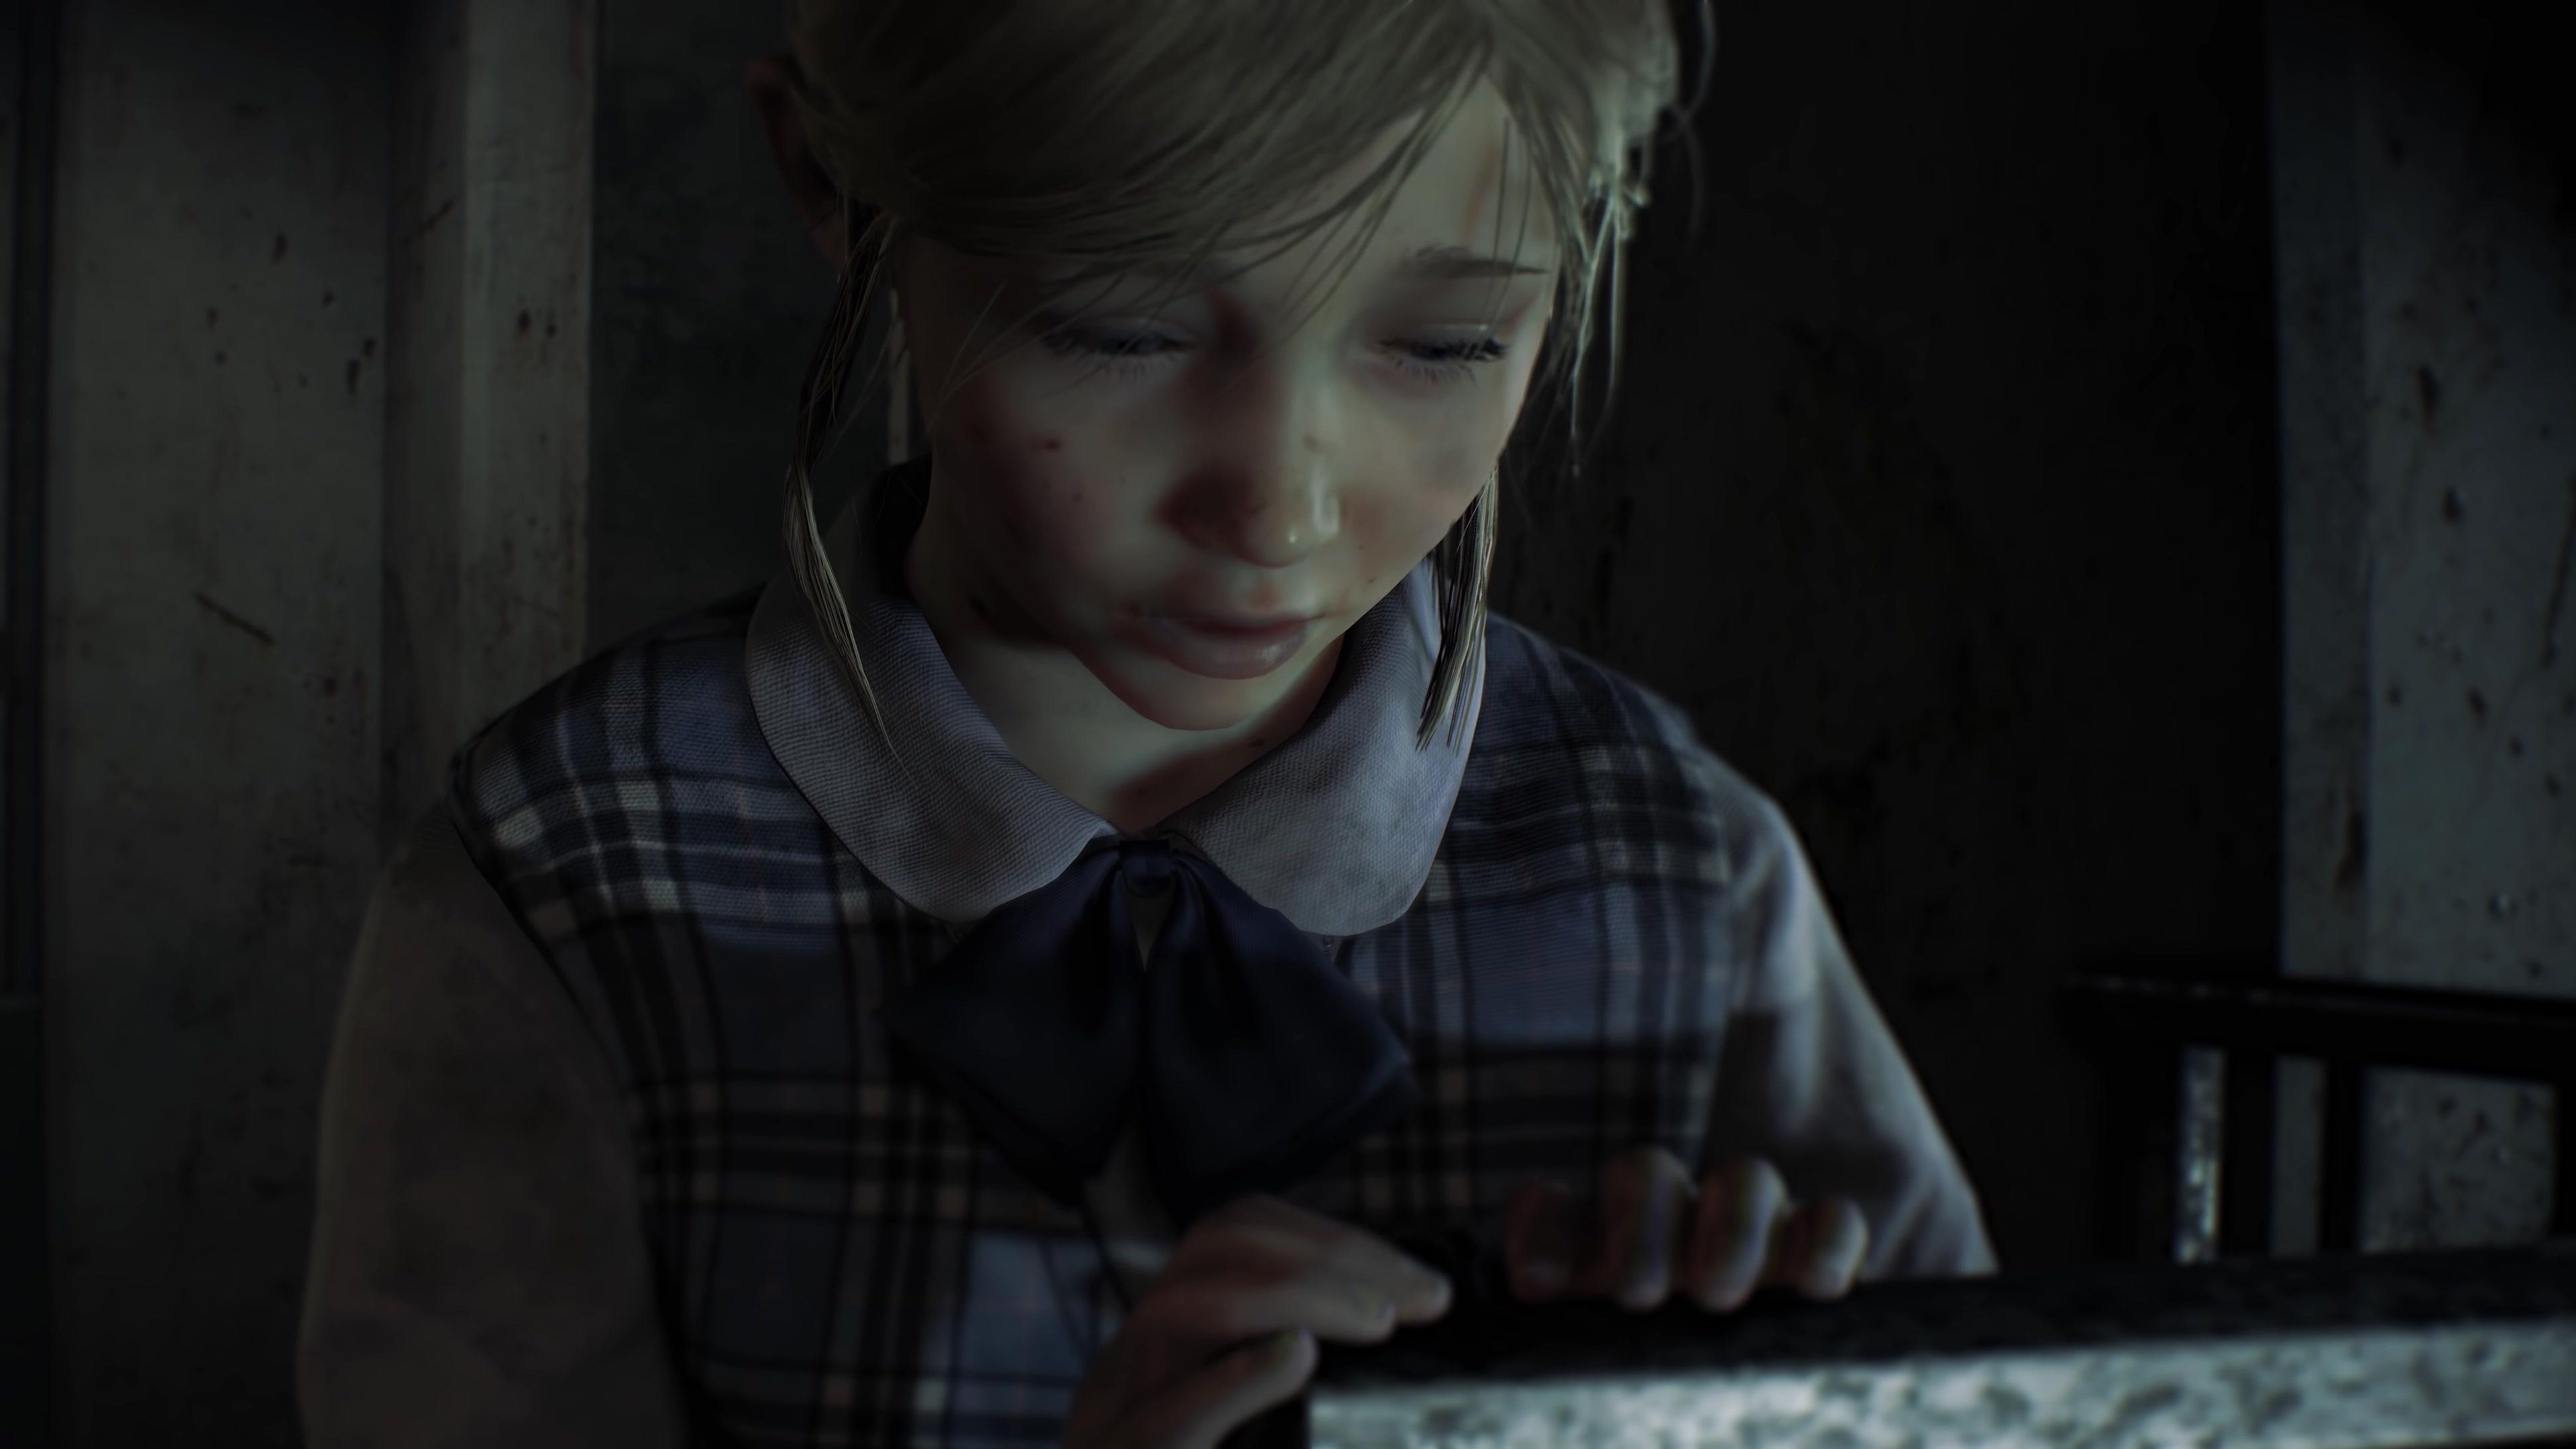 Resident Evil 2 rem 161.jpg - Resident Evil 2